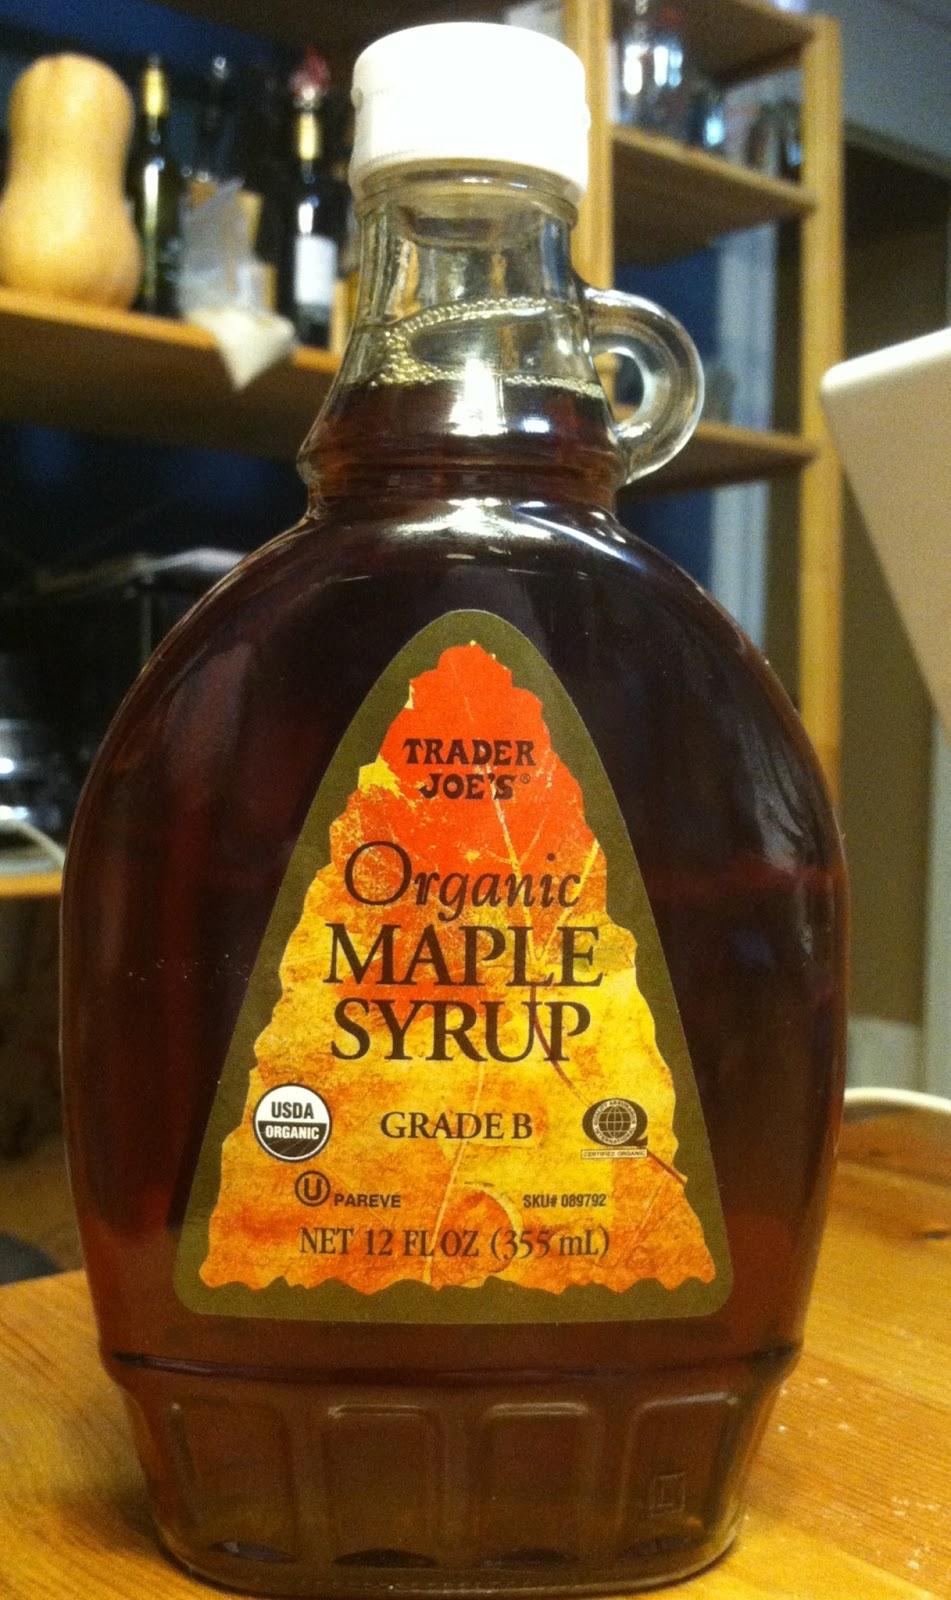 b7b4ca41e10 What s Good at Trader Joe s   Trader Joe s Organic Grade B Maple Syrup